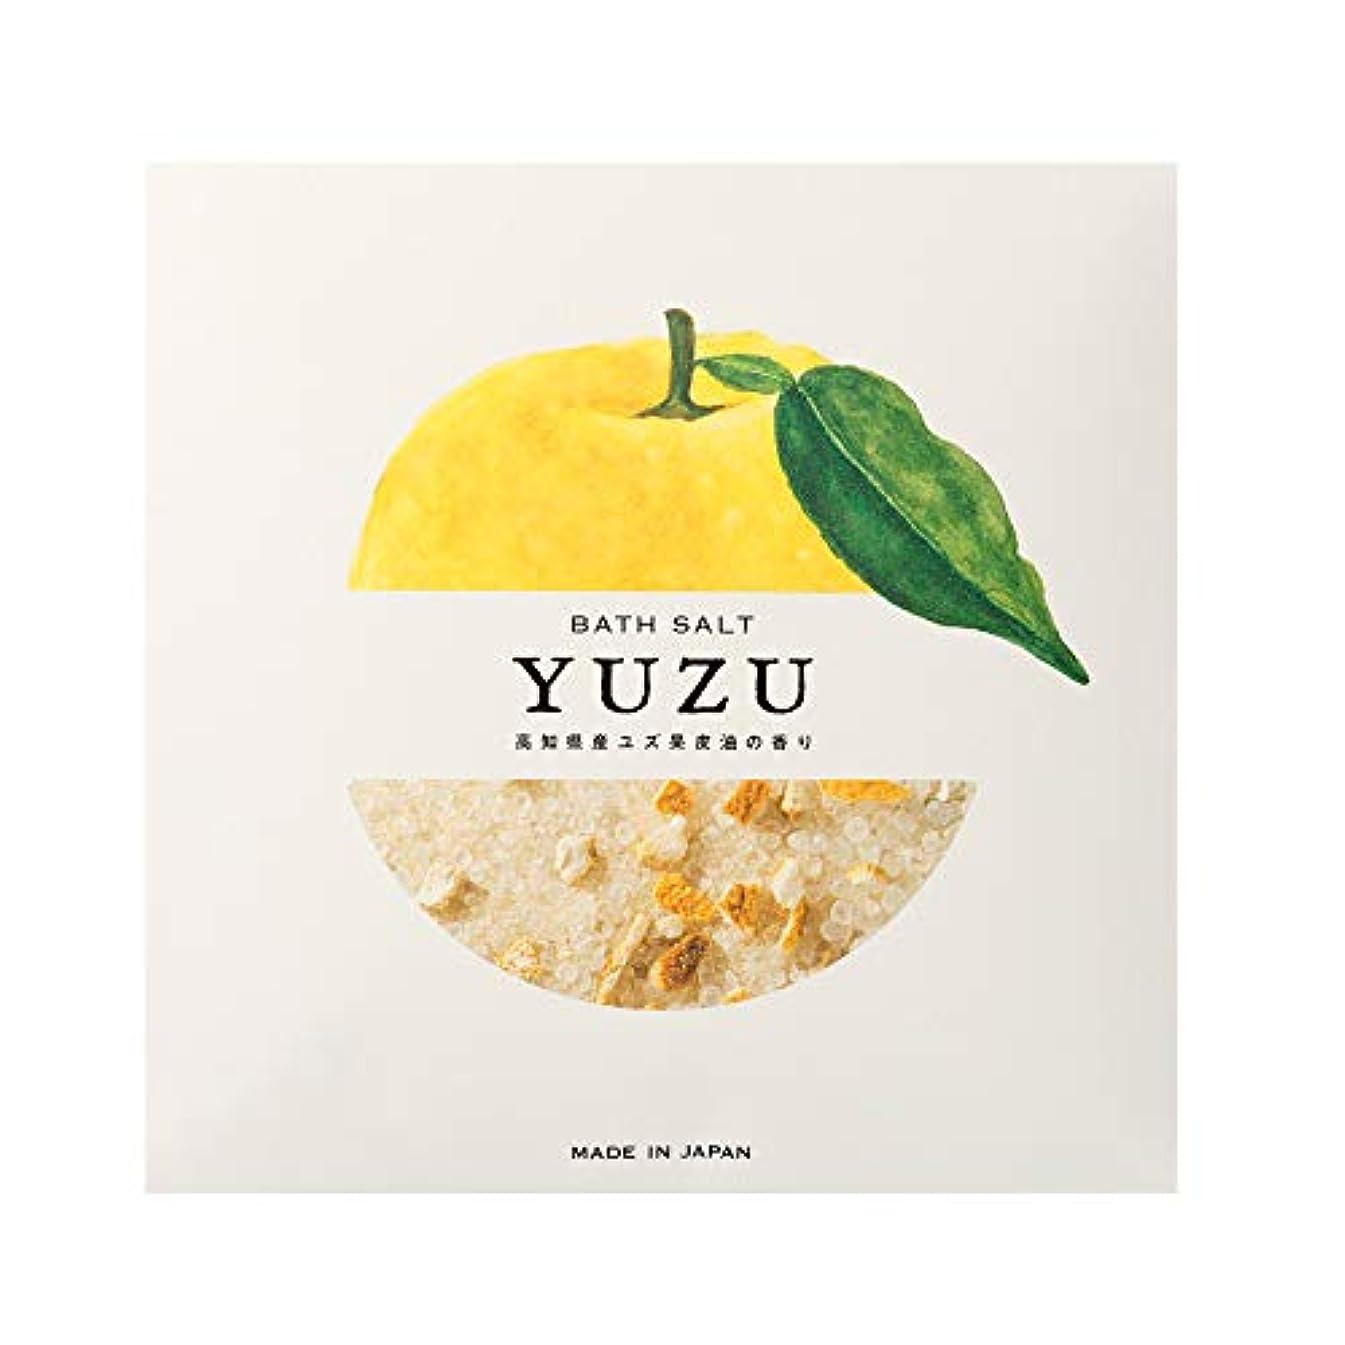 水曜日神学校雨の高知県産YUZUピール入りバスソルト